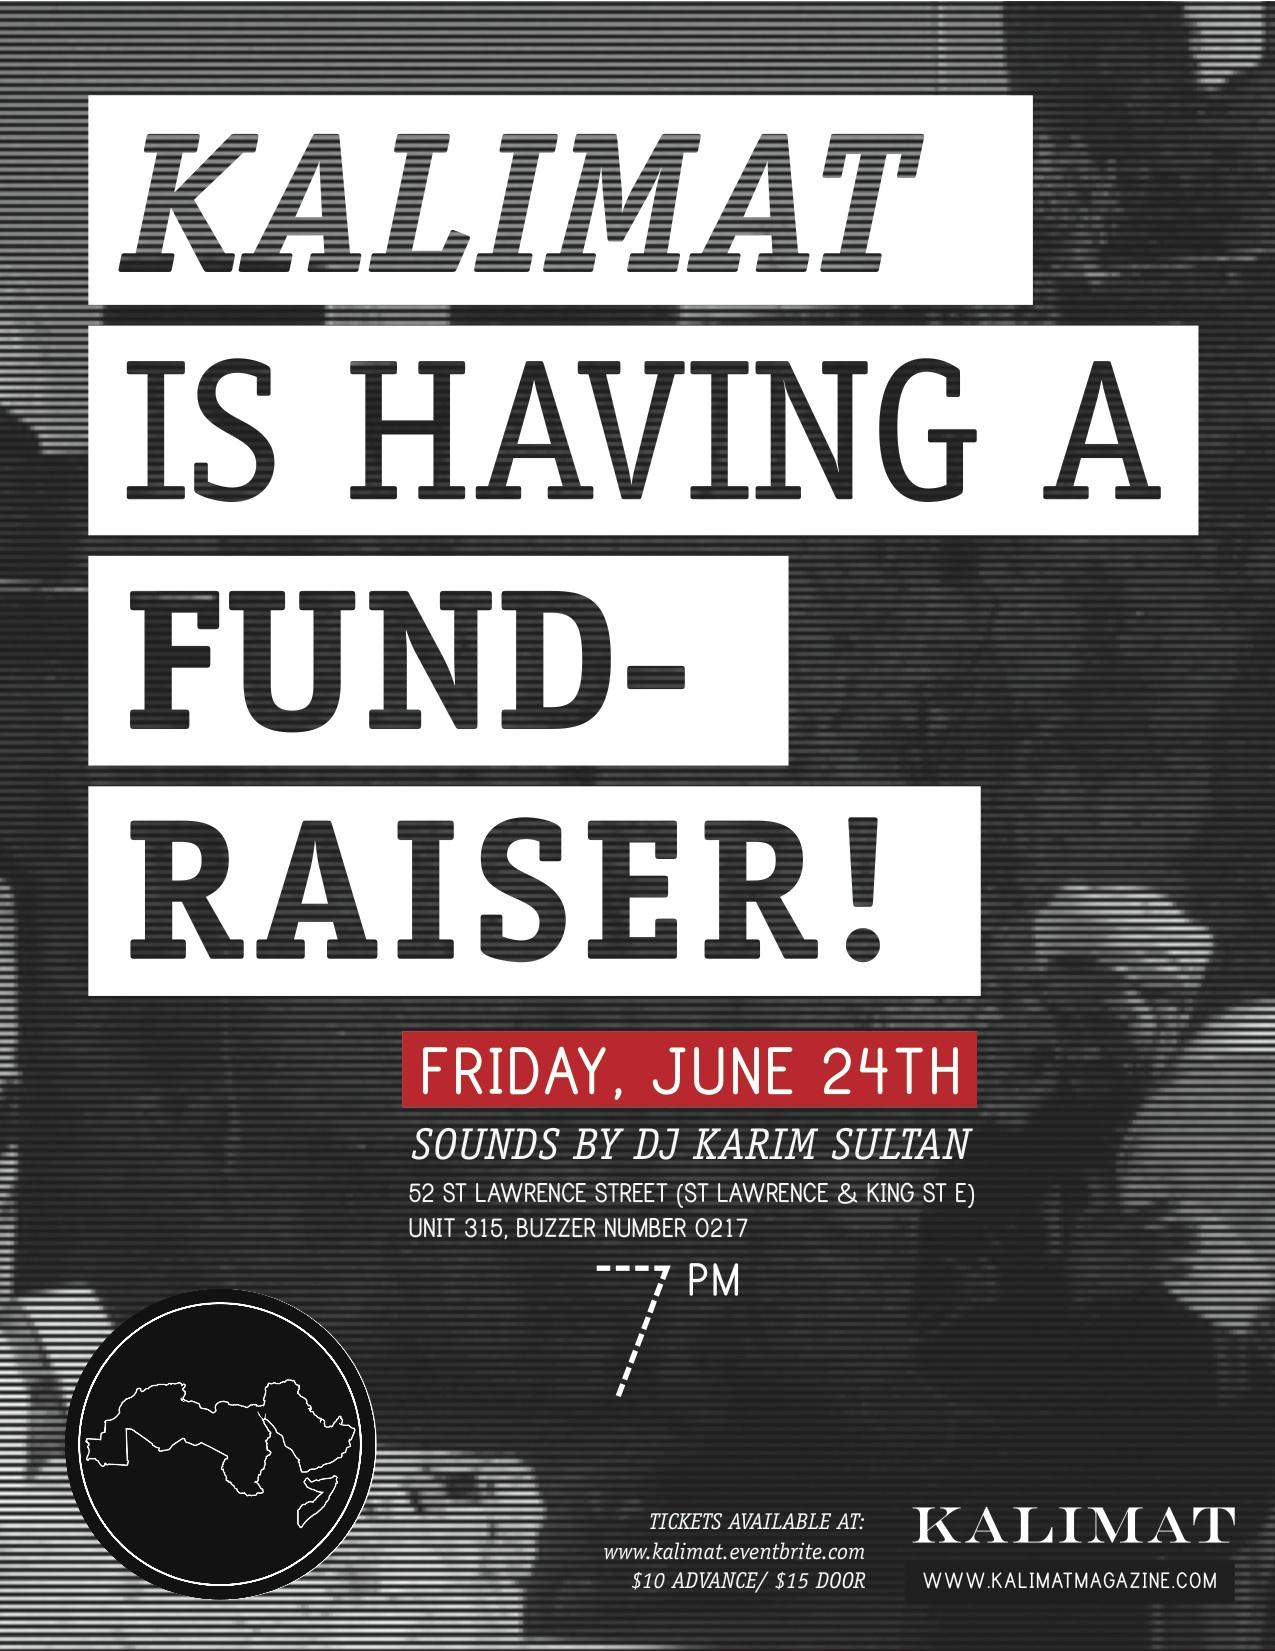 Kalimat Fundraiser - June 24